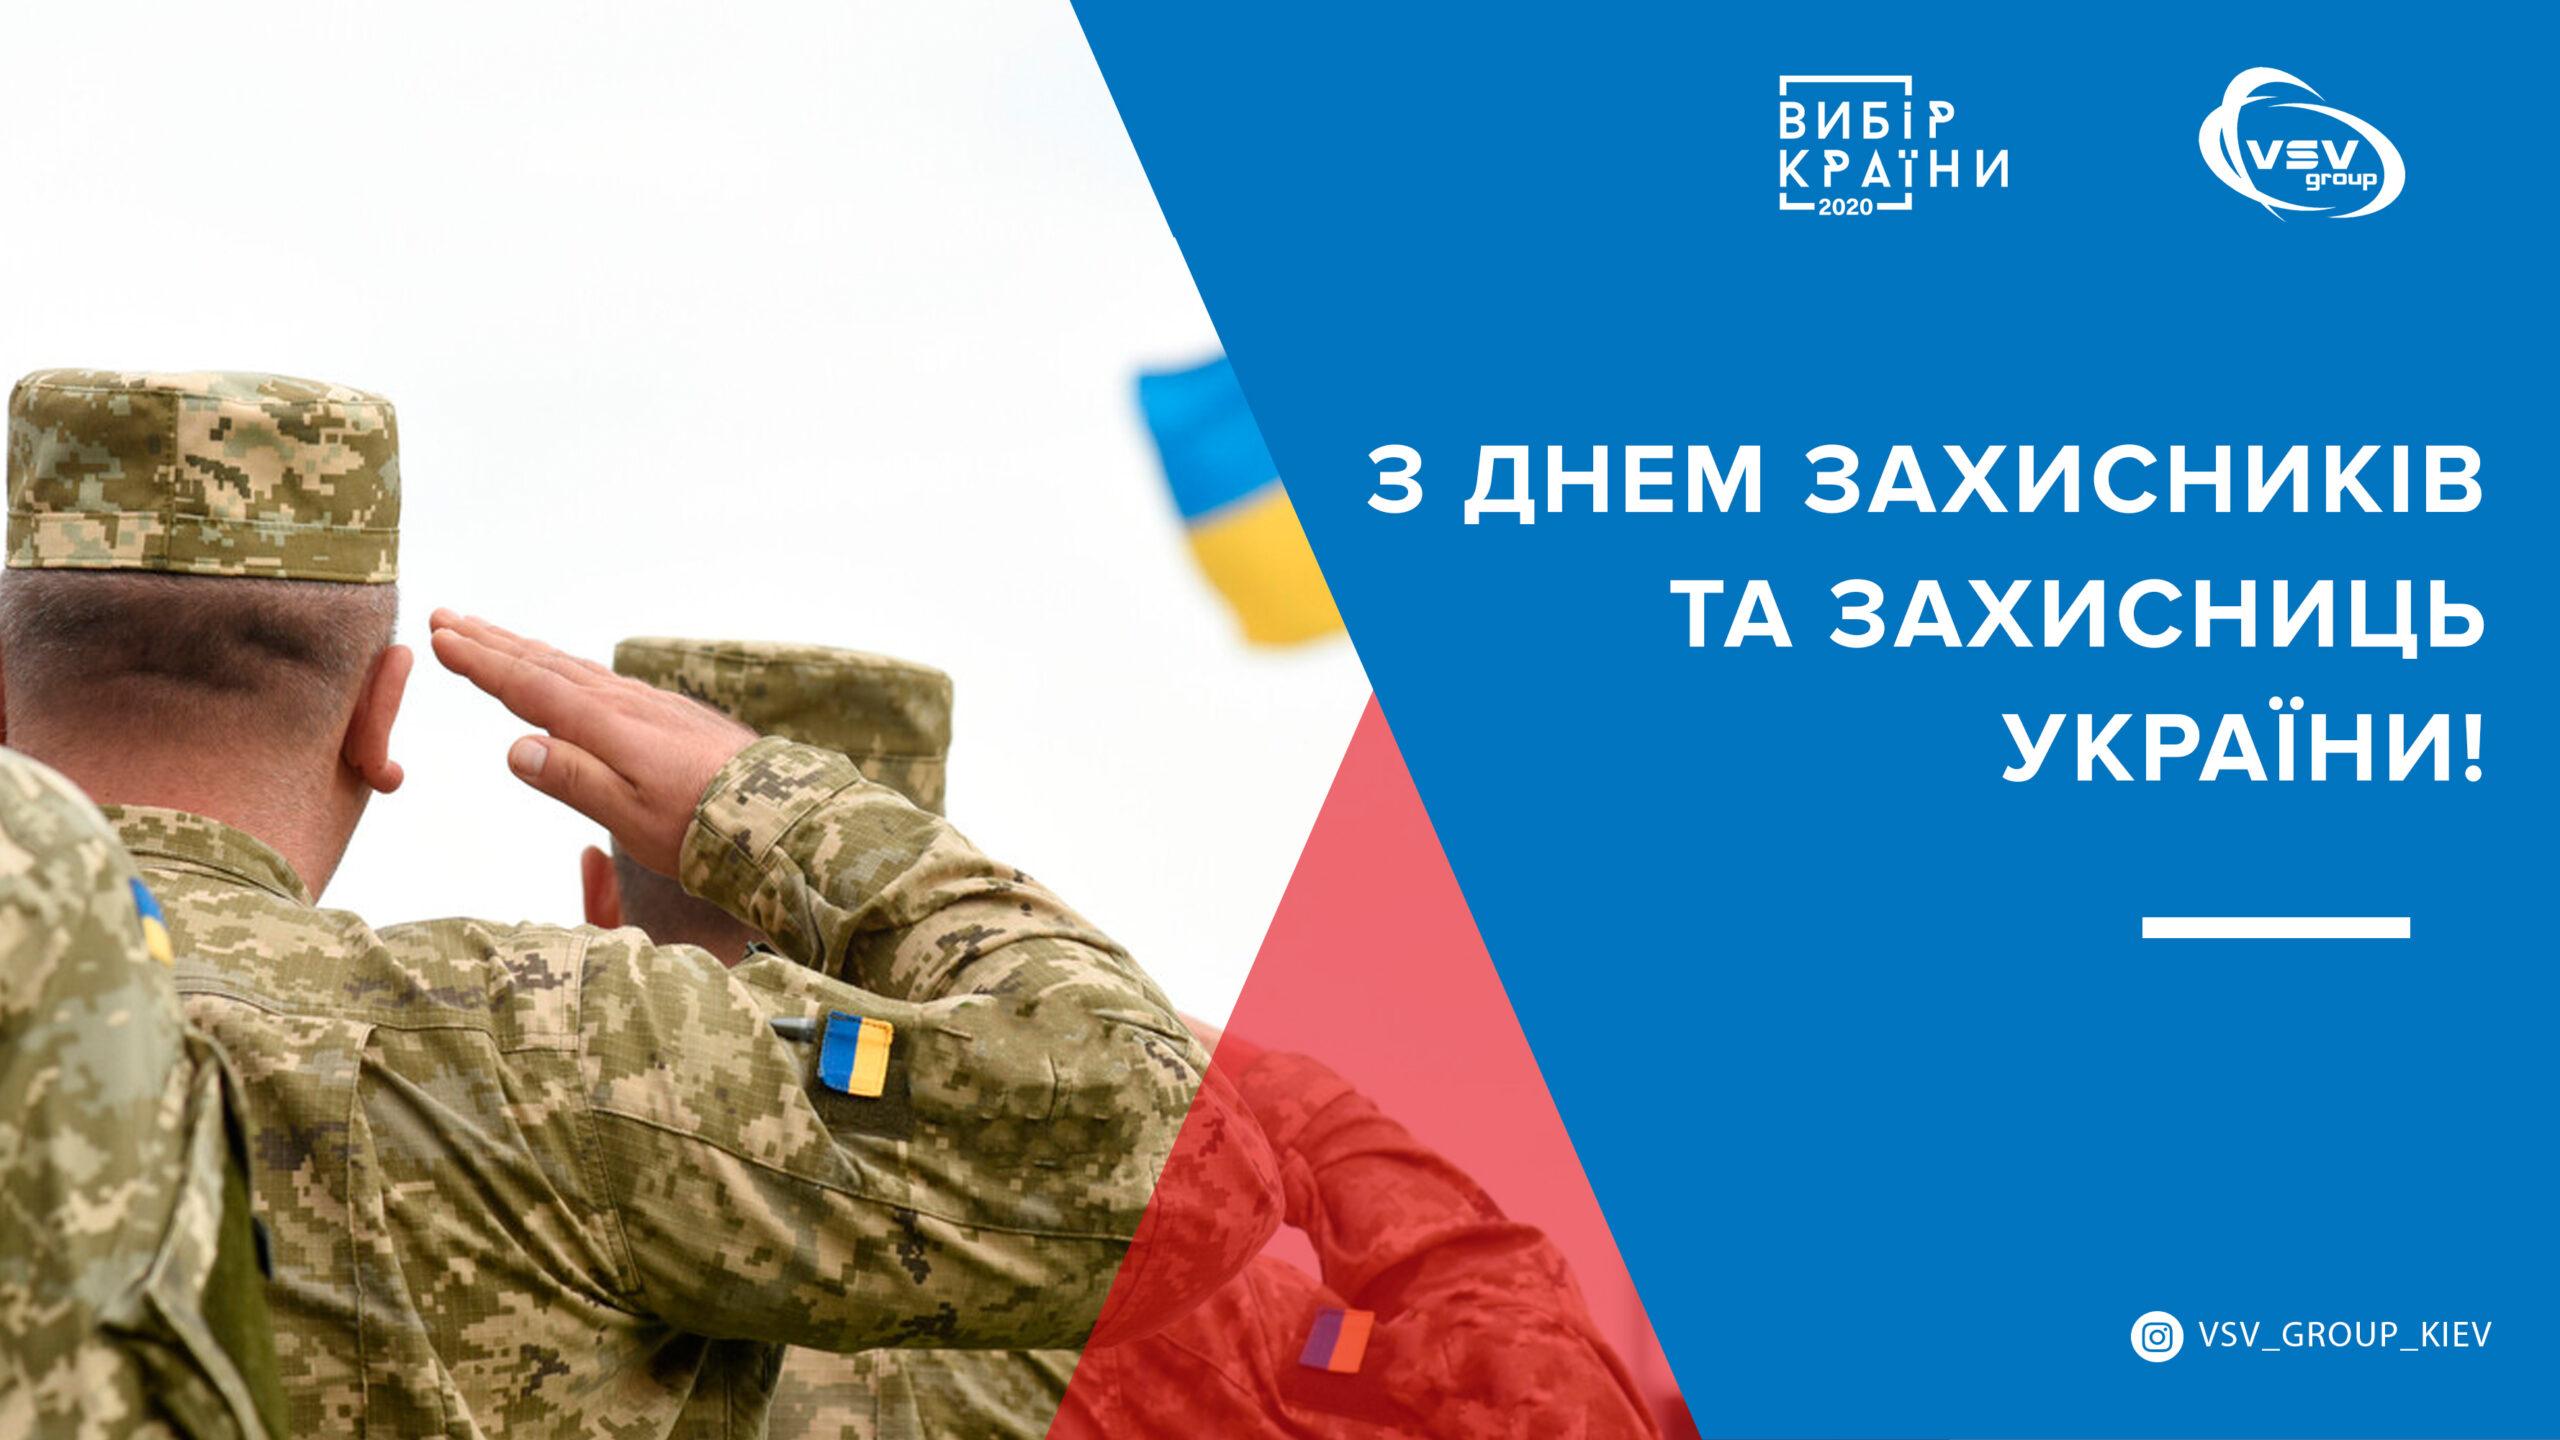 Вітаємо з Днем захисників та захисниць України! - фото - новина від компанії ВСВ-Групп